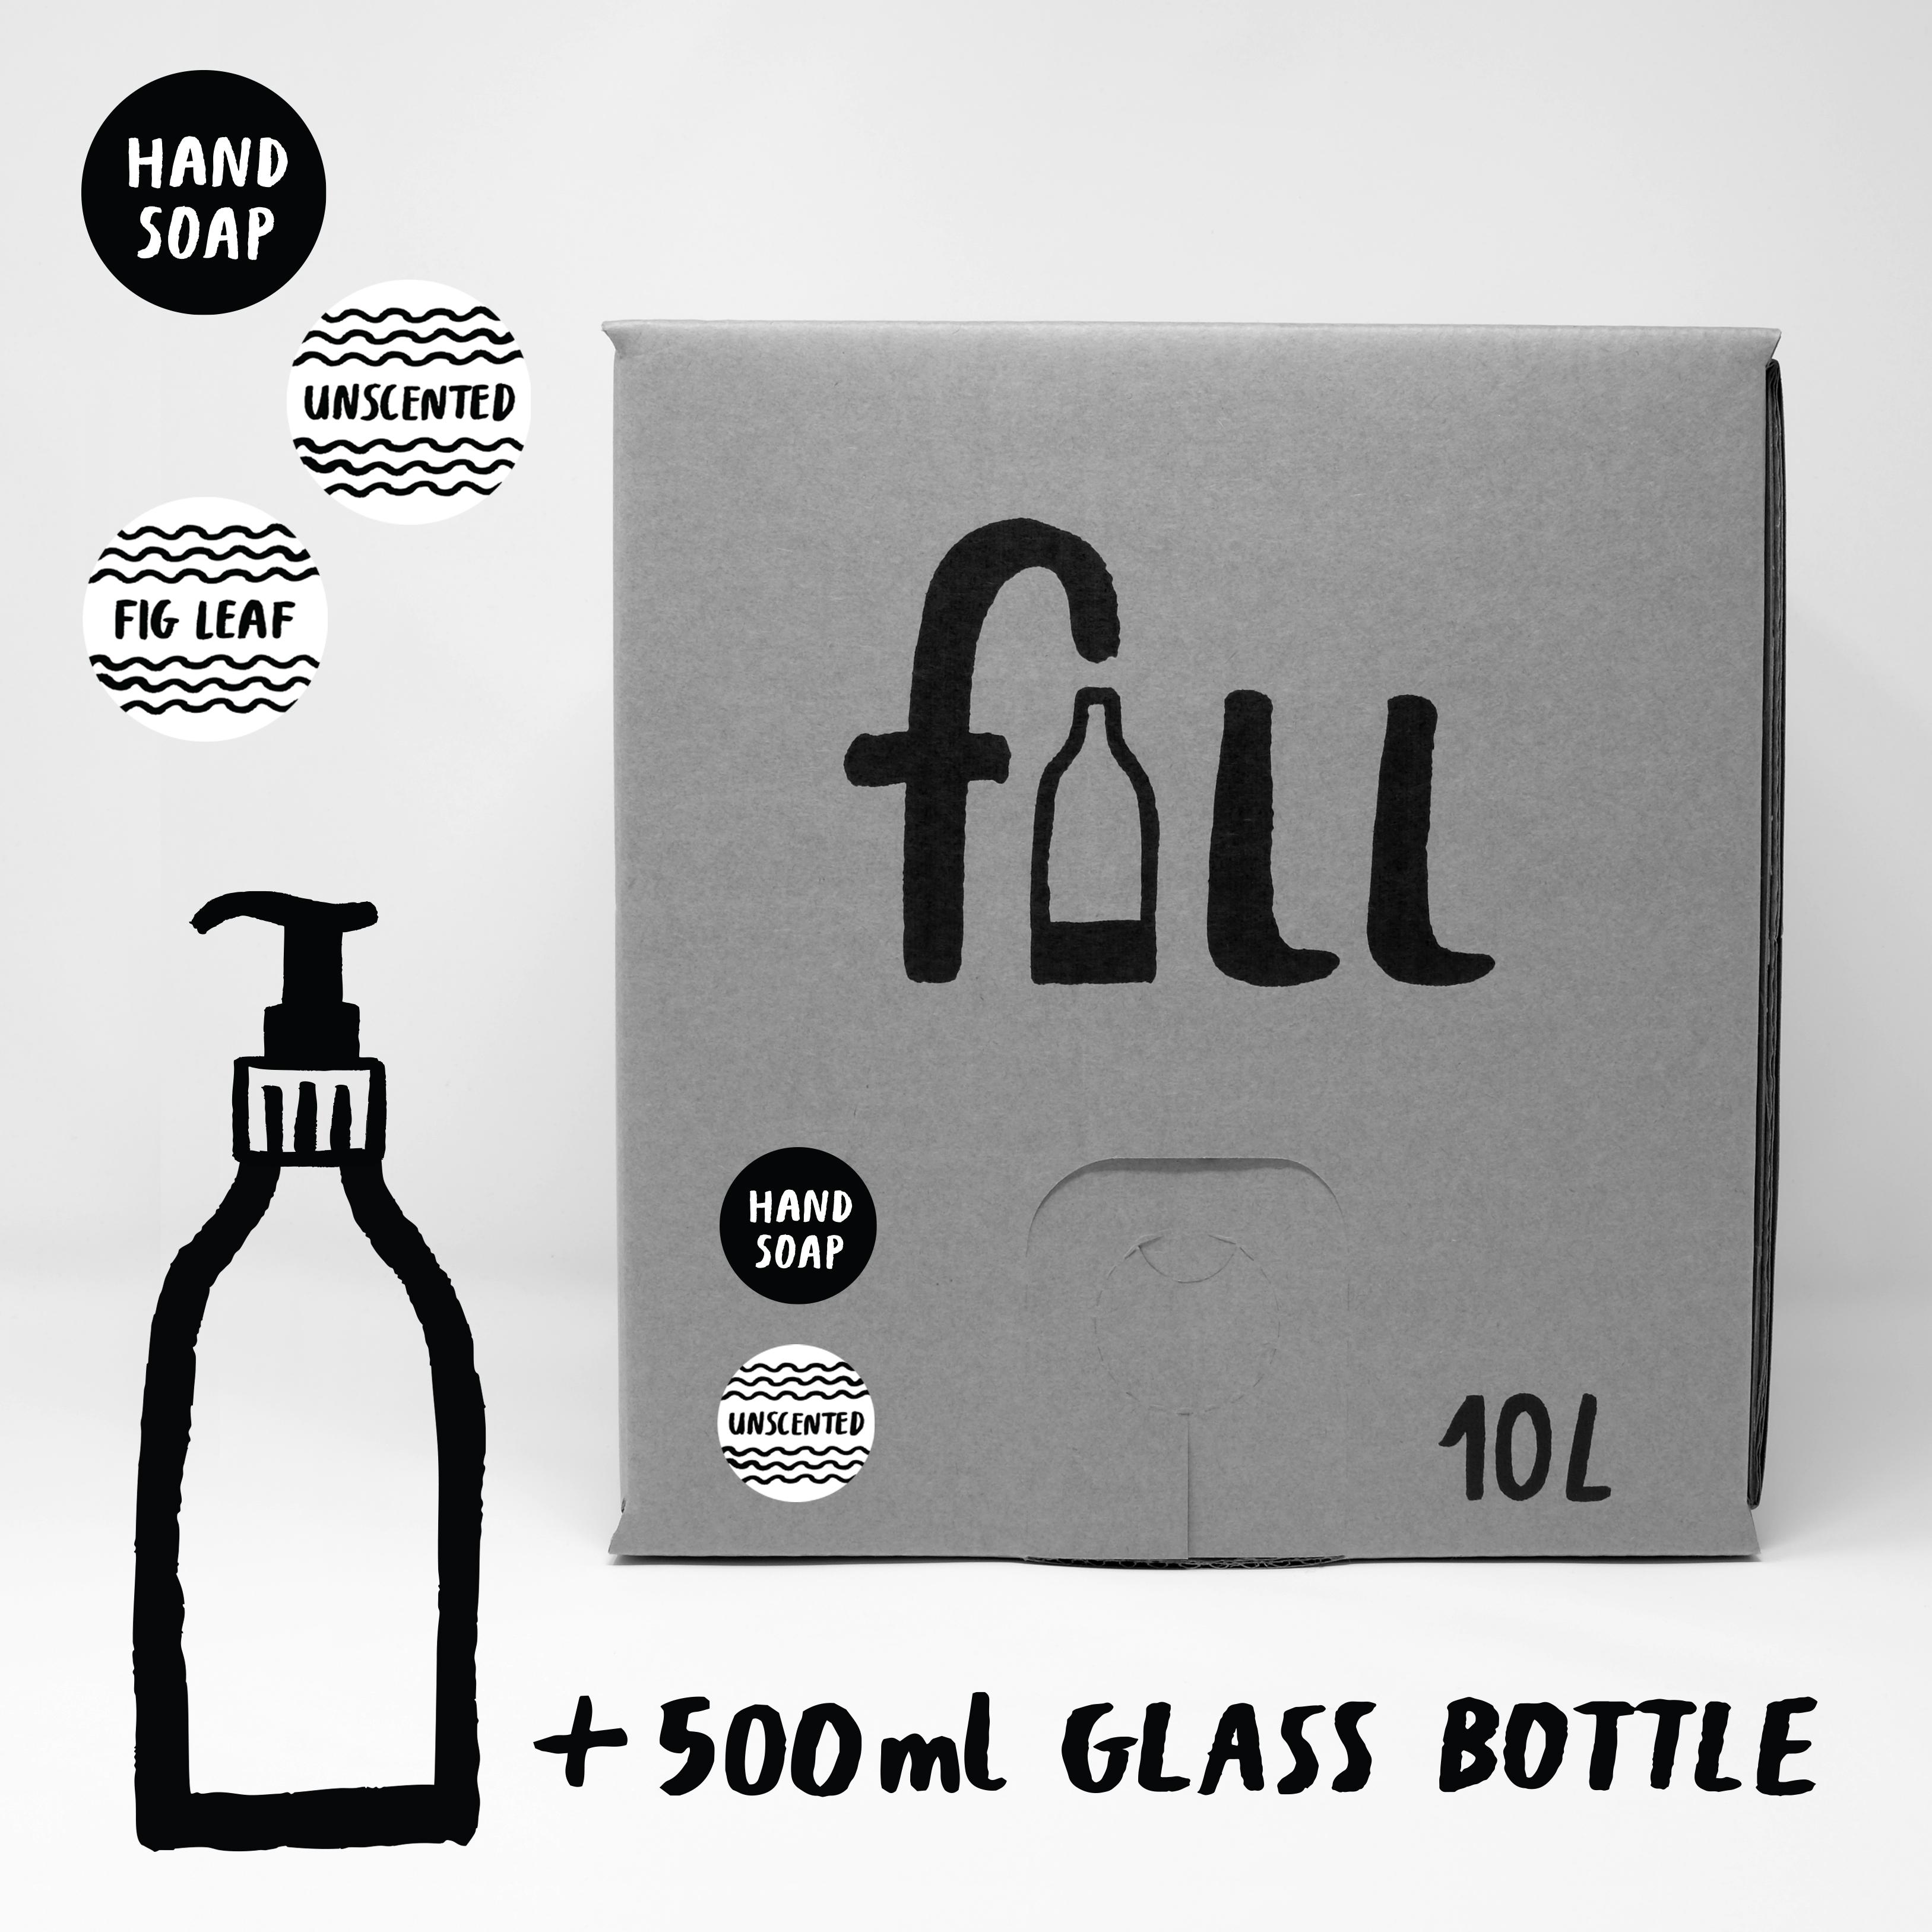 DO NOT USE Fill Refill Co Hand Soap 500ml Full Bottle